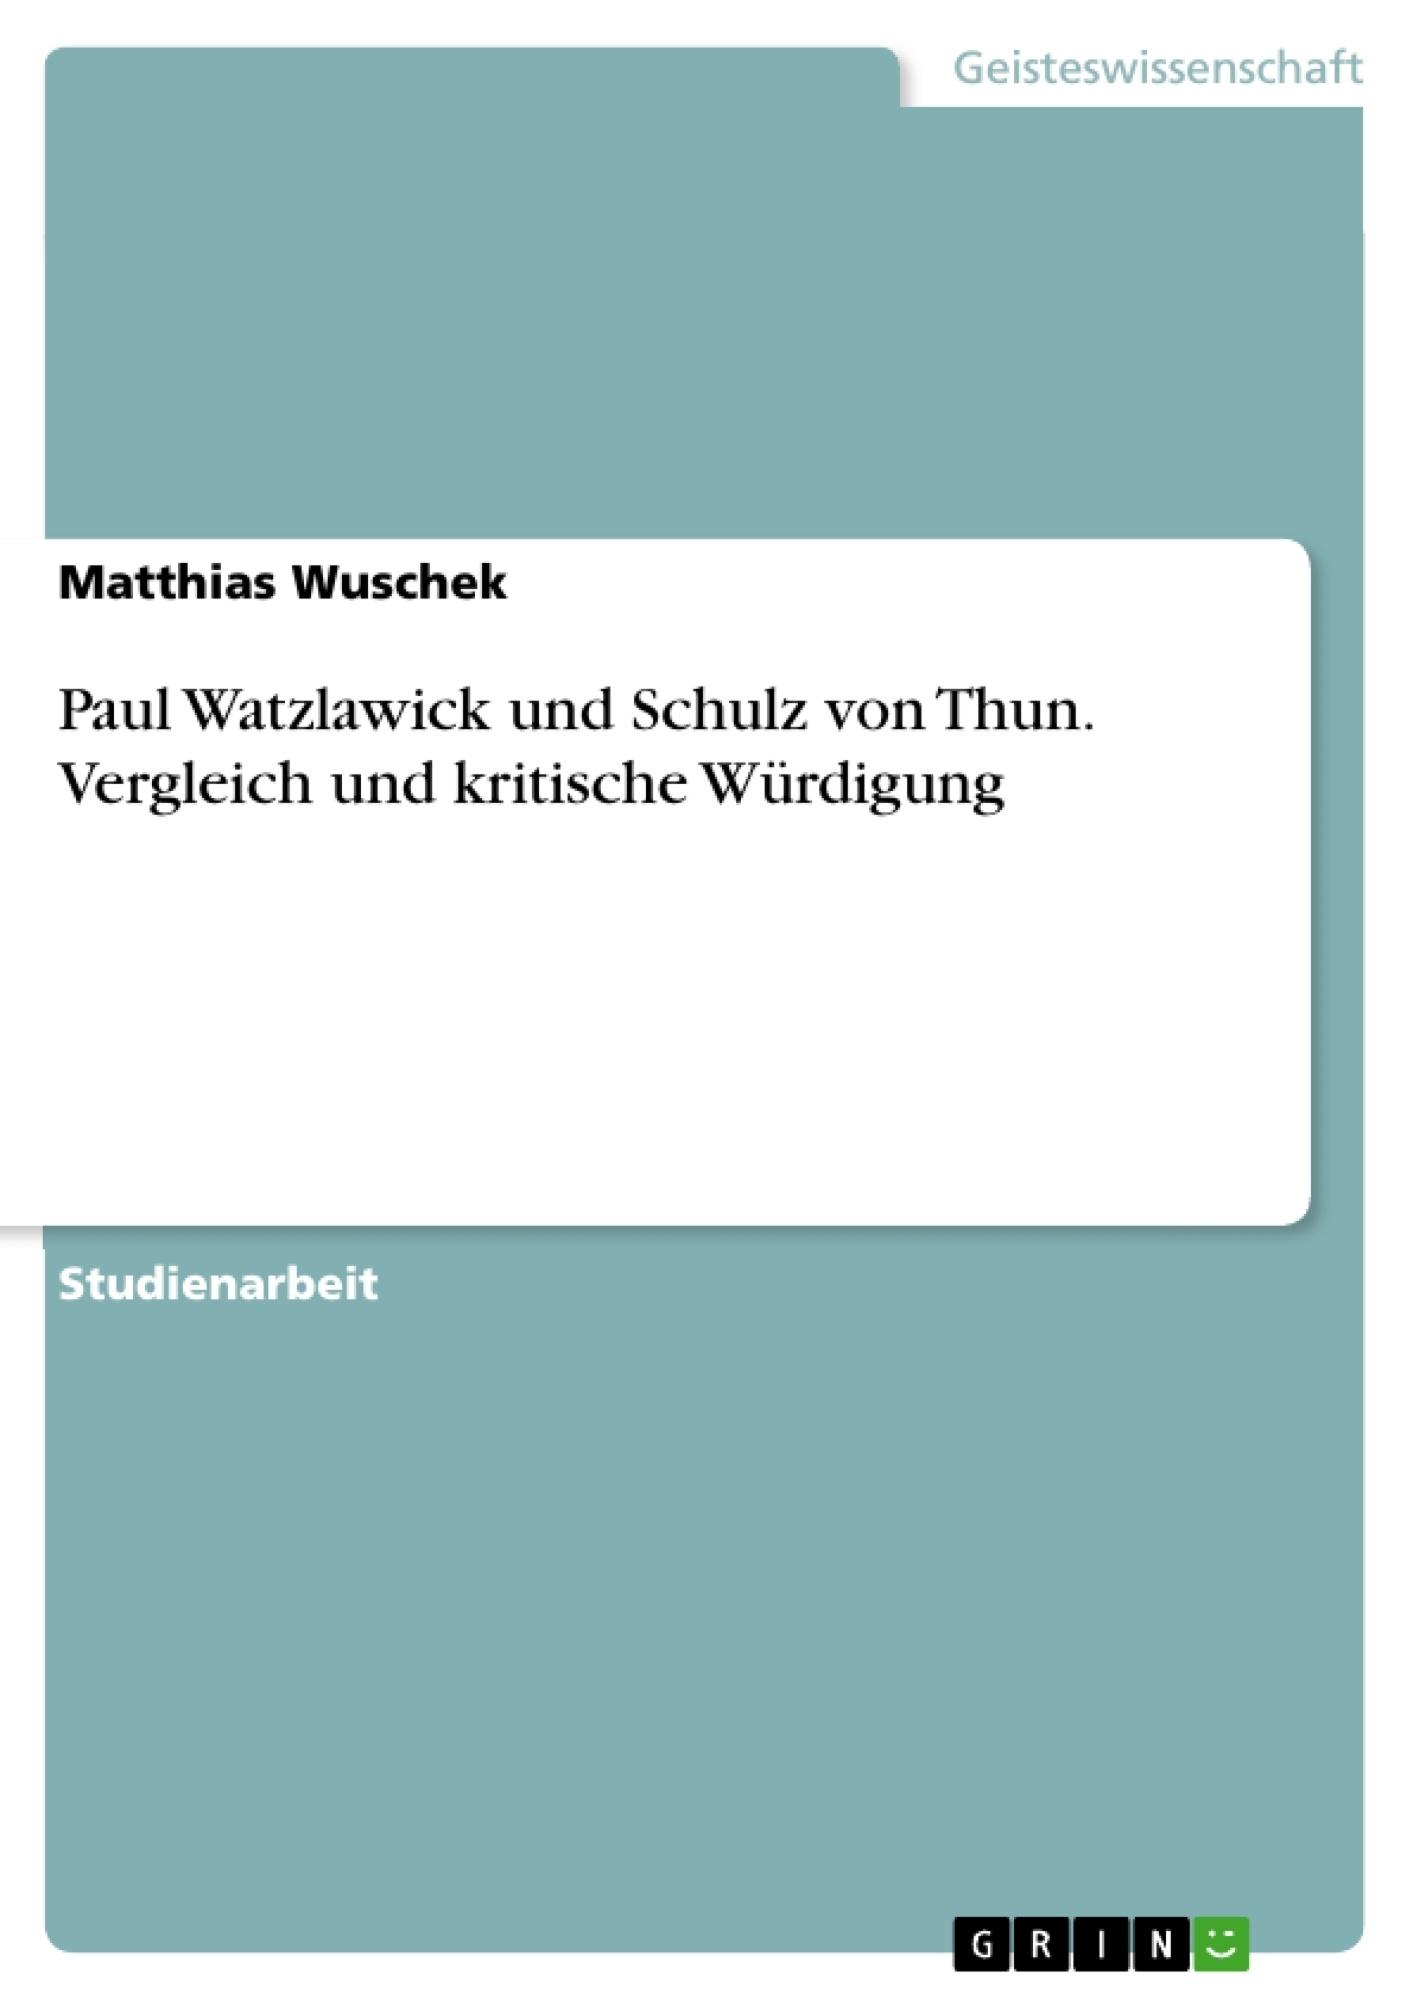 Titel: Paul Watzlawick und Schulz von Thun. Vergleich und kritische Würdigung